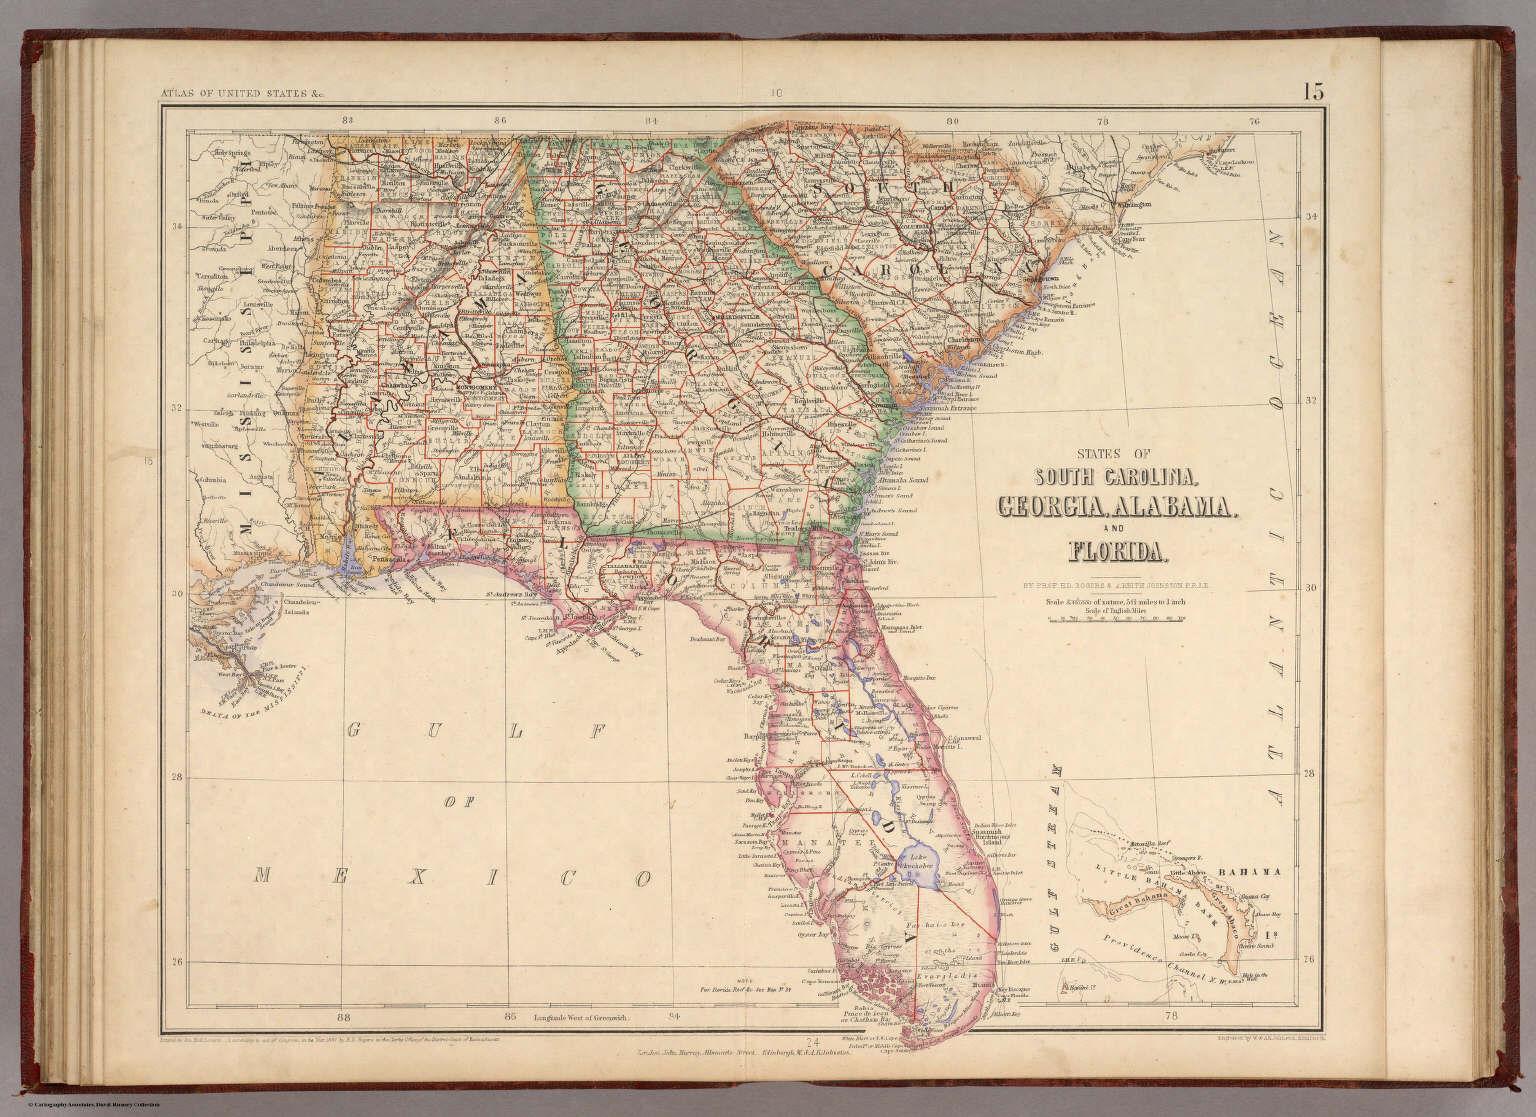 States Of South Carolina, Georgia, Alabama, And Florida. / Rogers - Map Of Georgia And Florida